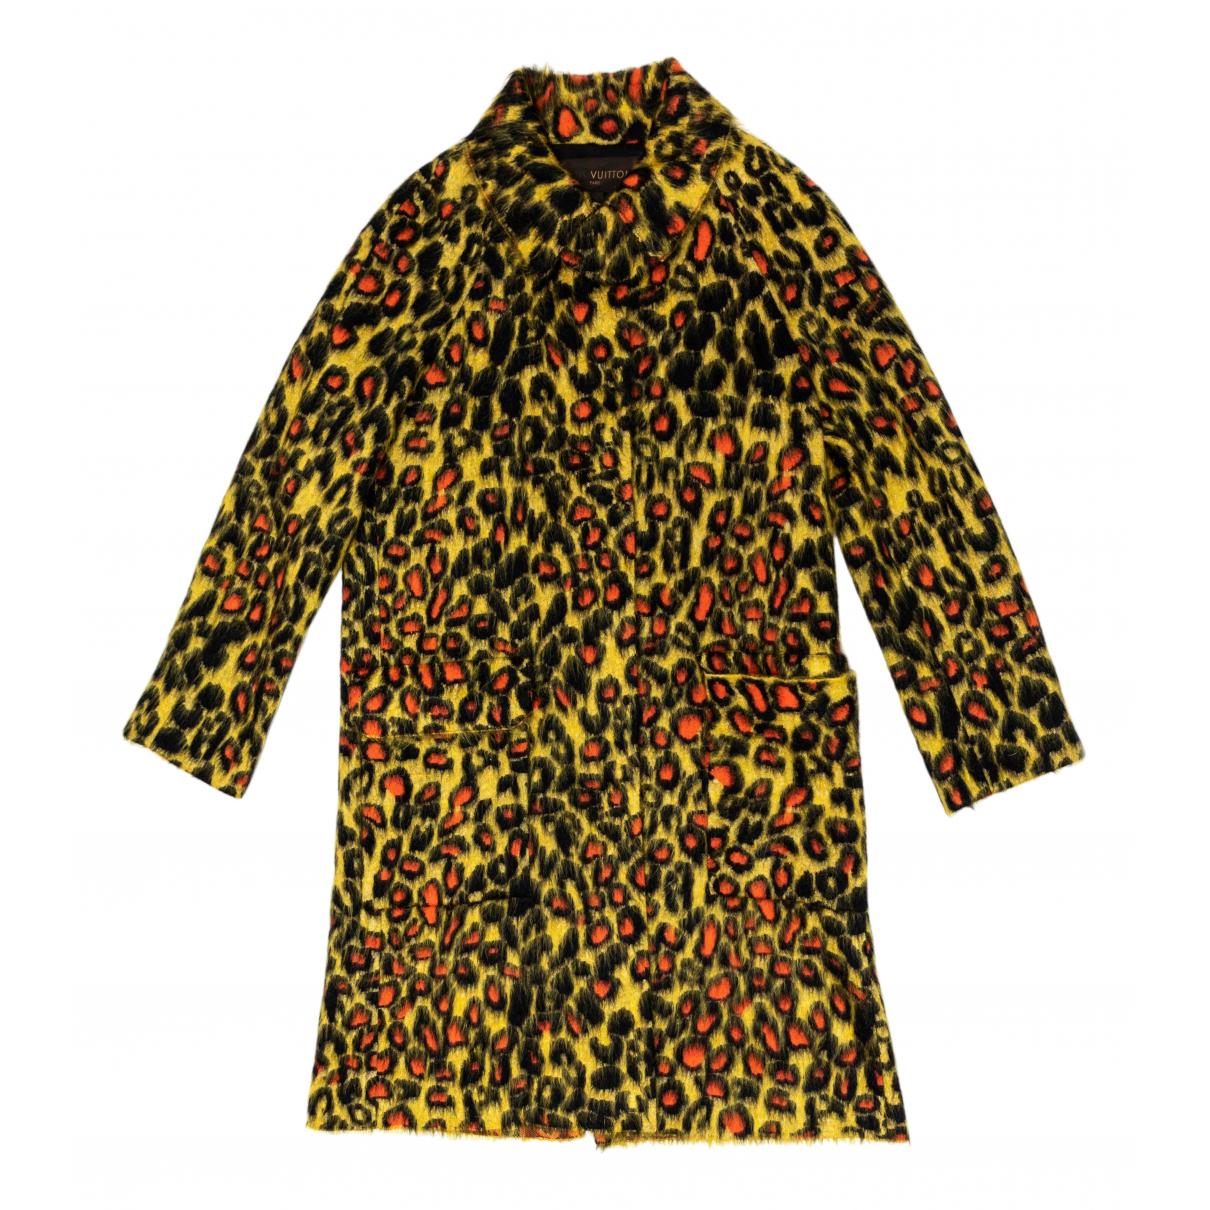 Louis Vuitton - Manteau   pour femme en laine - multicolore